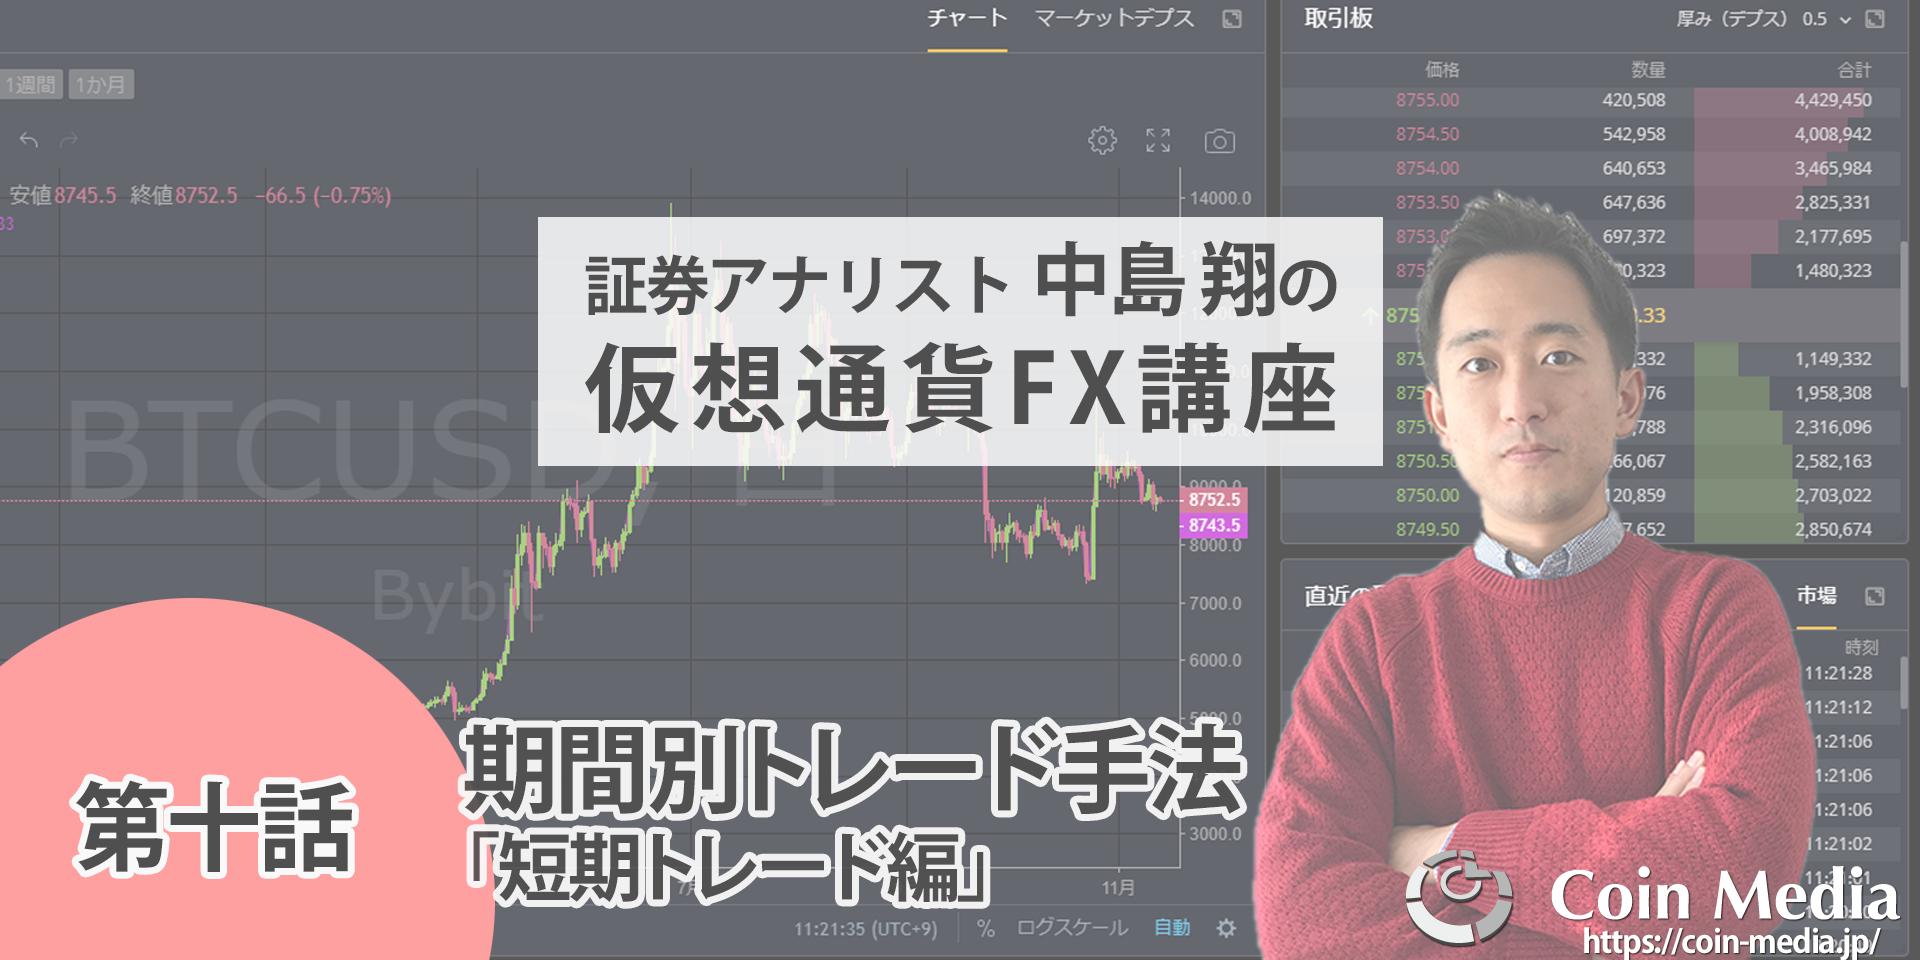 初心者のための仮想通貨FX講座短期トレード編